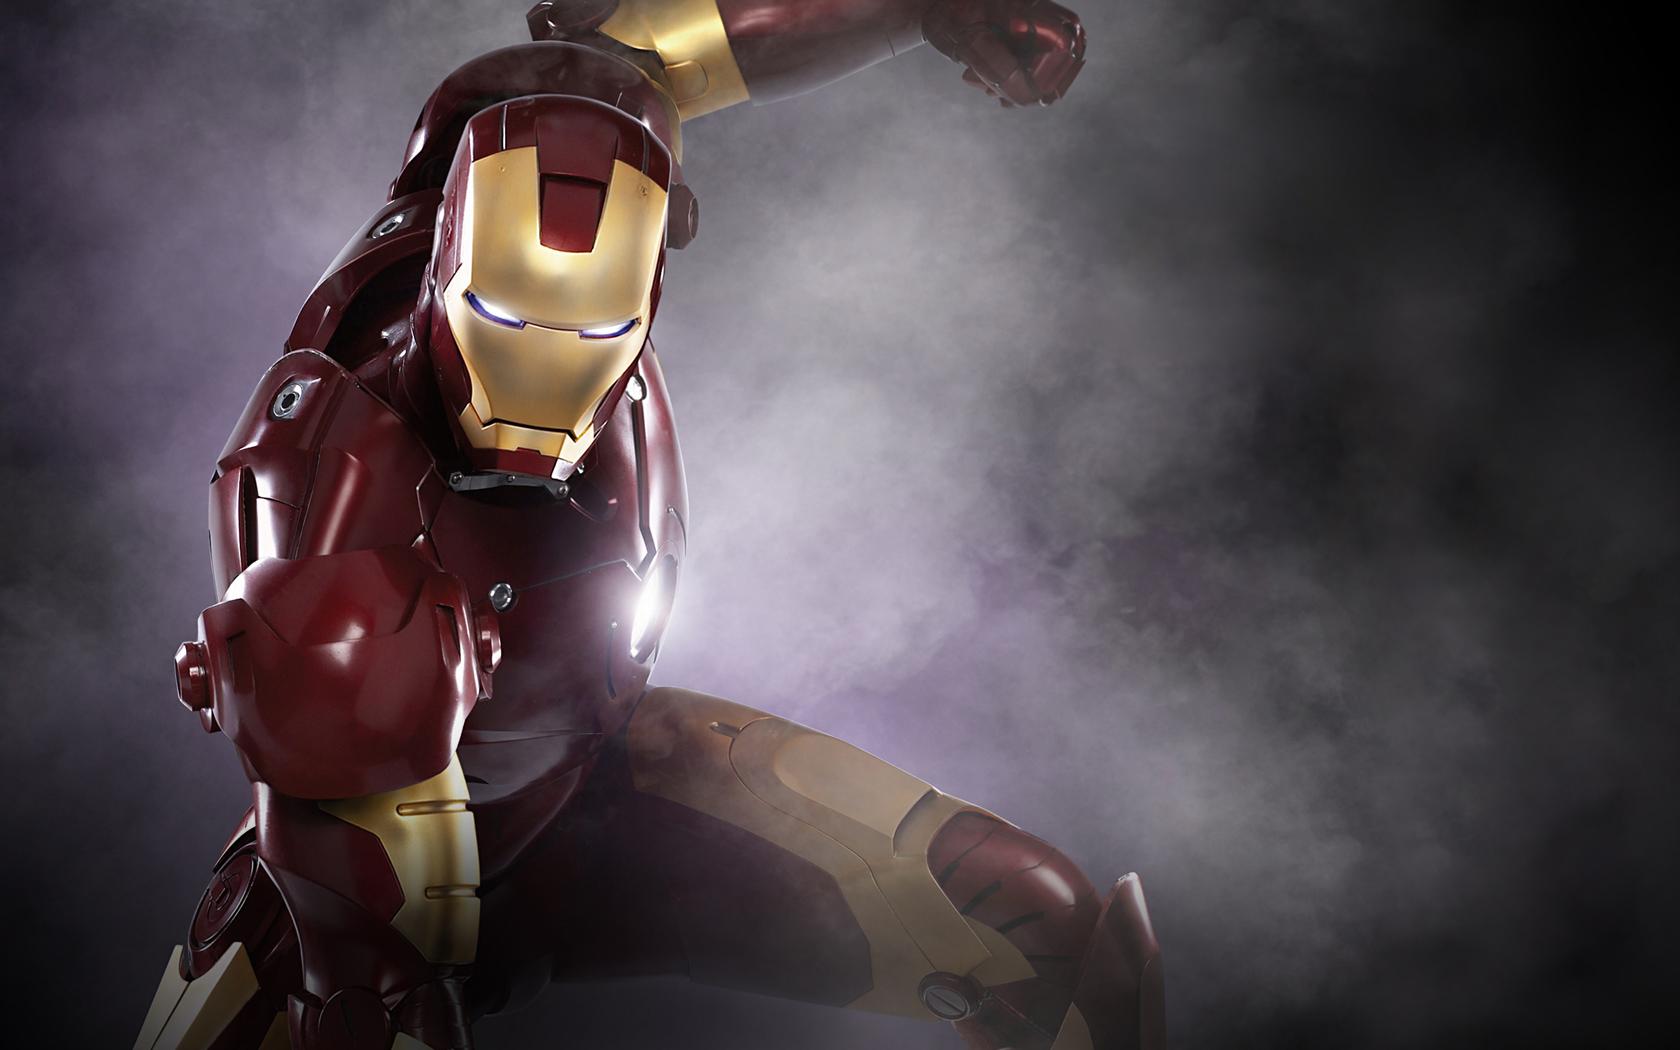 Iron Man Wallpaper War - HD Desktop Wallpapers